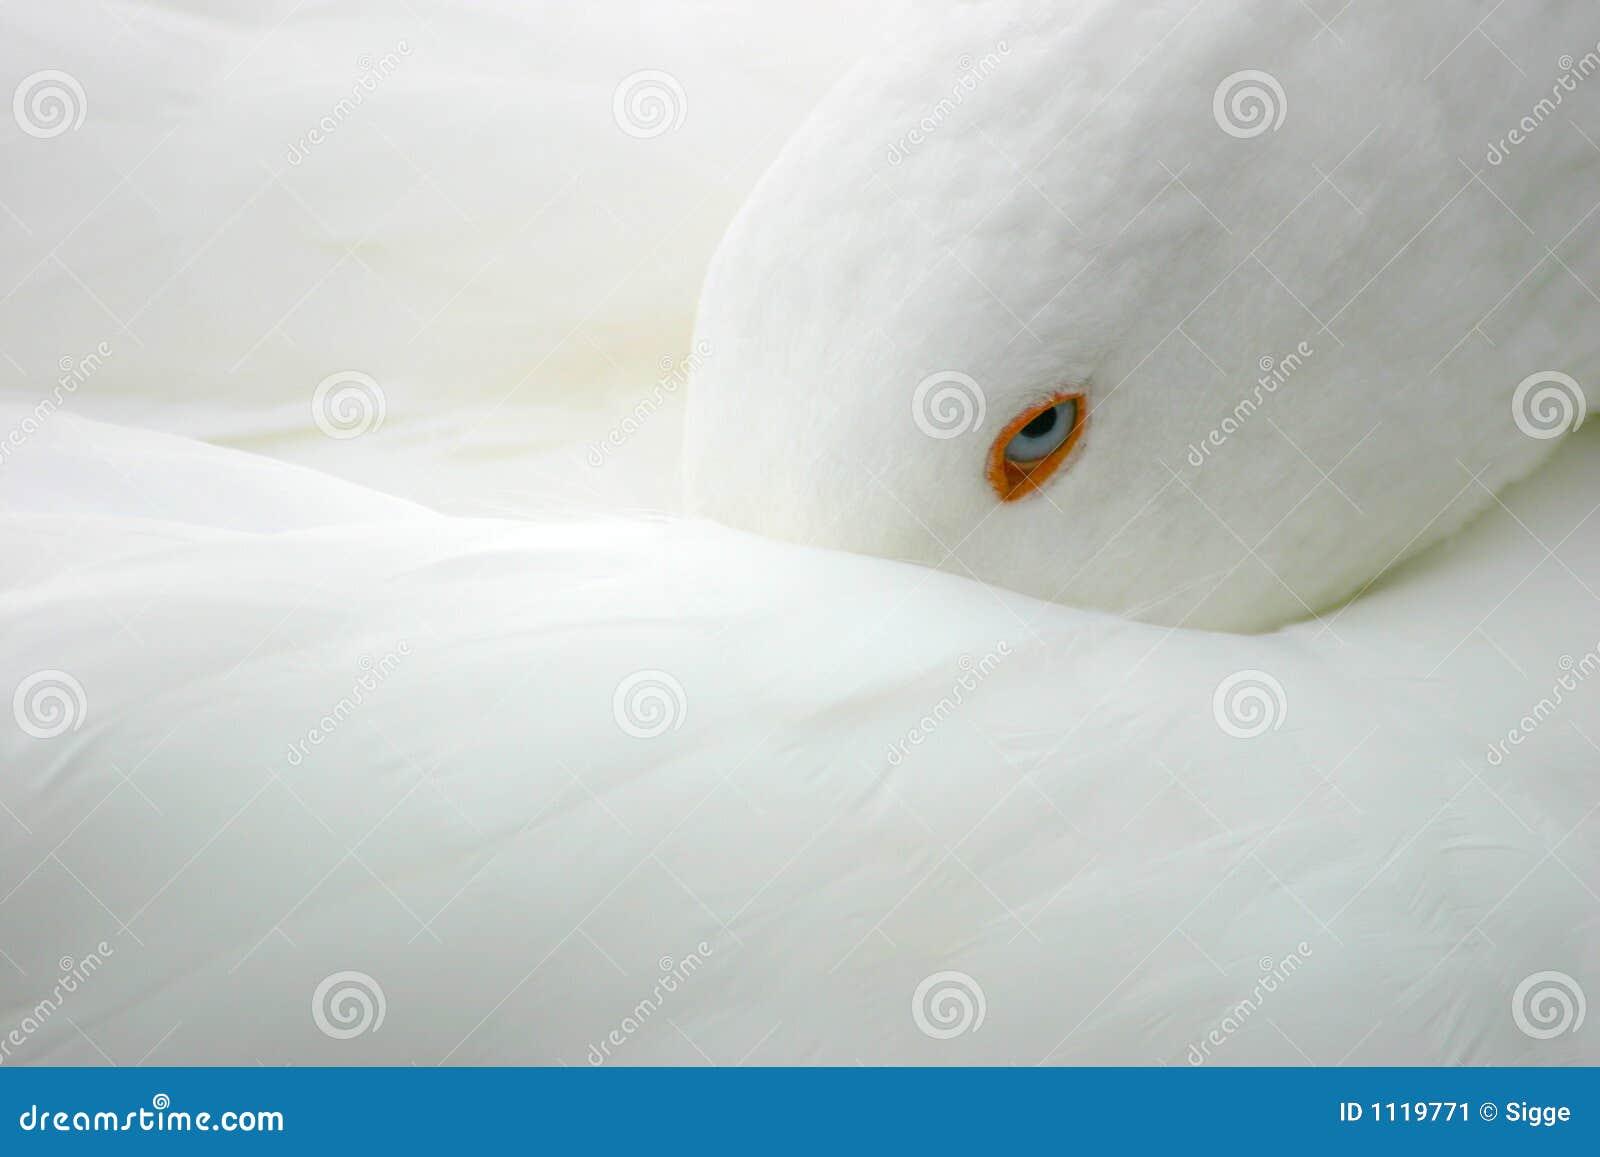 White Bird - Goose